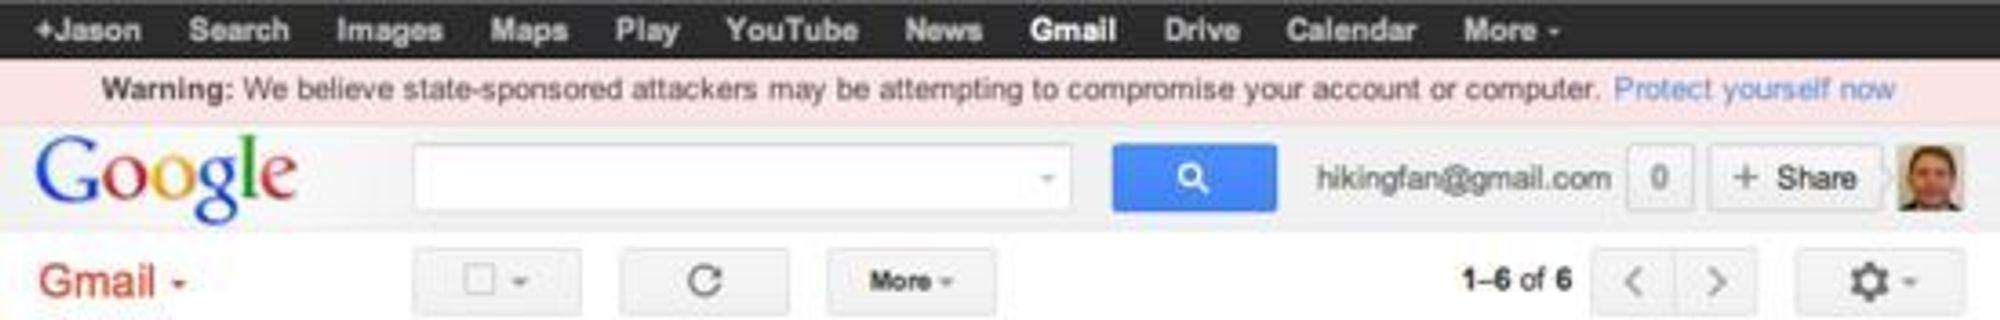 Google varsler brukere dersom selskapet mistenker at Google-kontoen deres står i fare for å bli kompromittert gjennom statssponsede angrep.